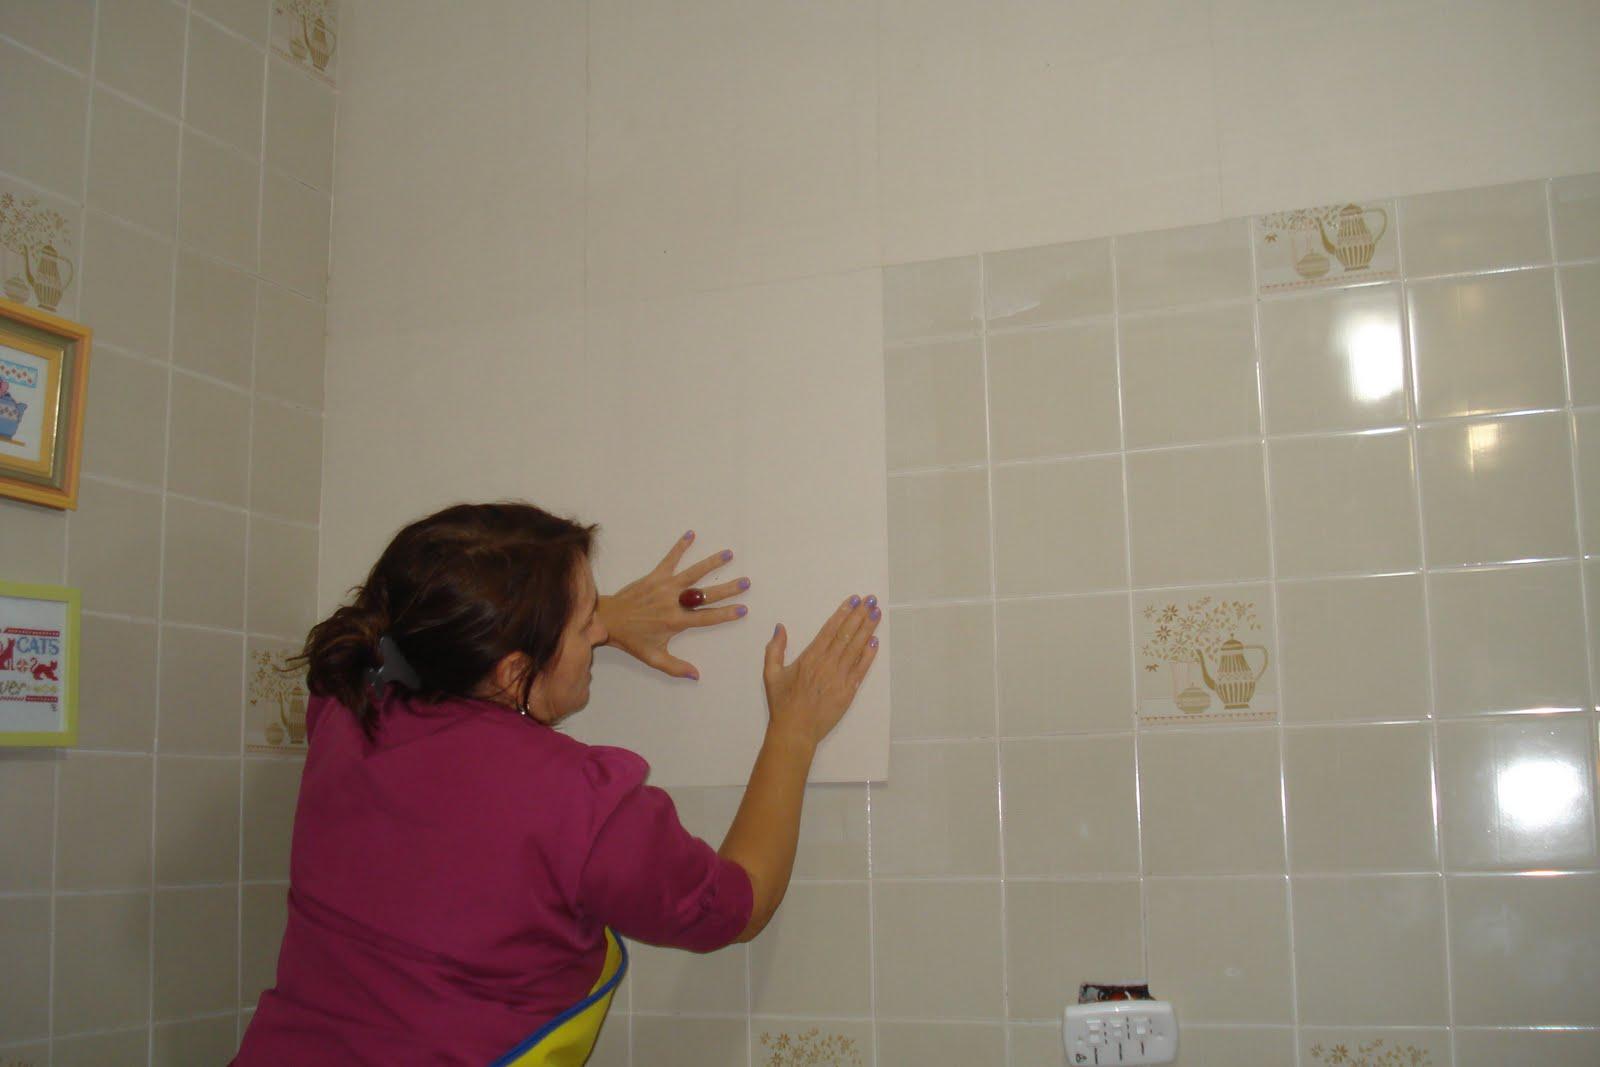 Multiartes: Parede de azulejos pintada  Canto Alemão.. #14265C 1600x1067 Banheiro Com Azulejo Pintado